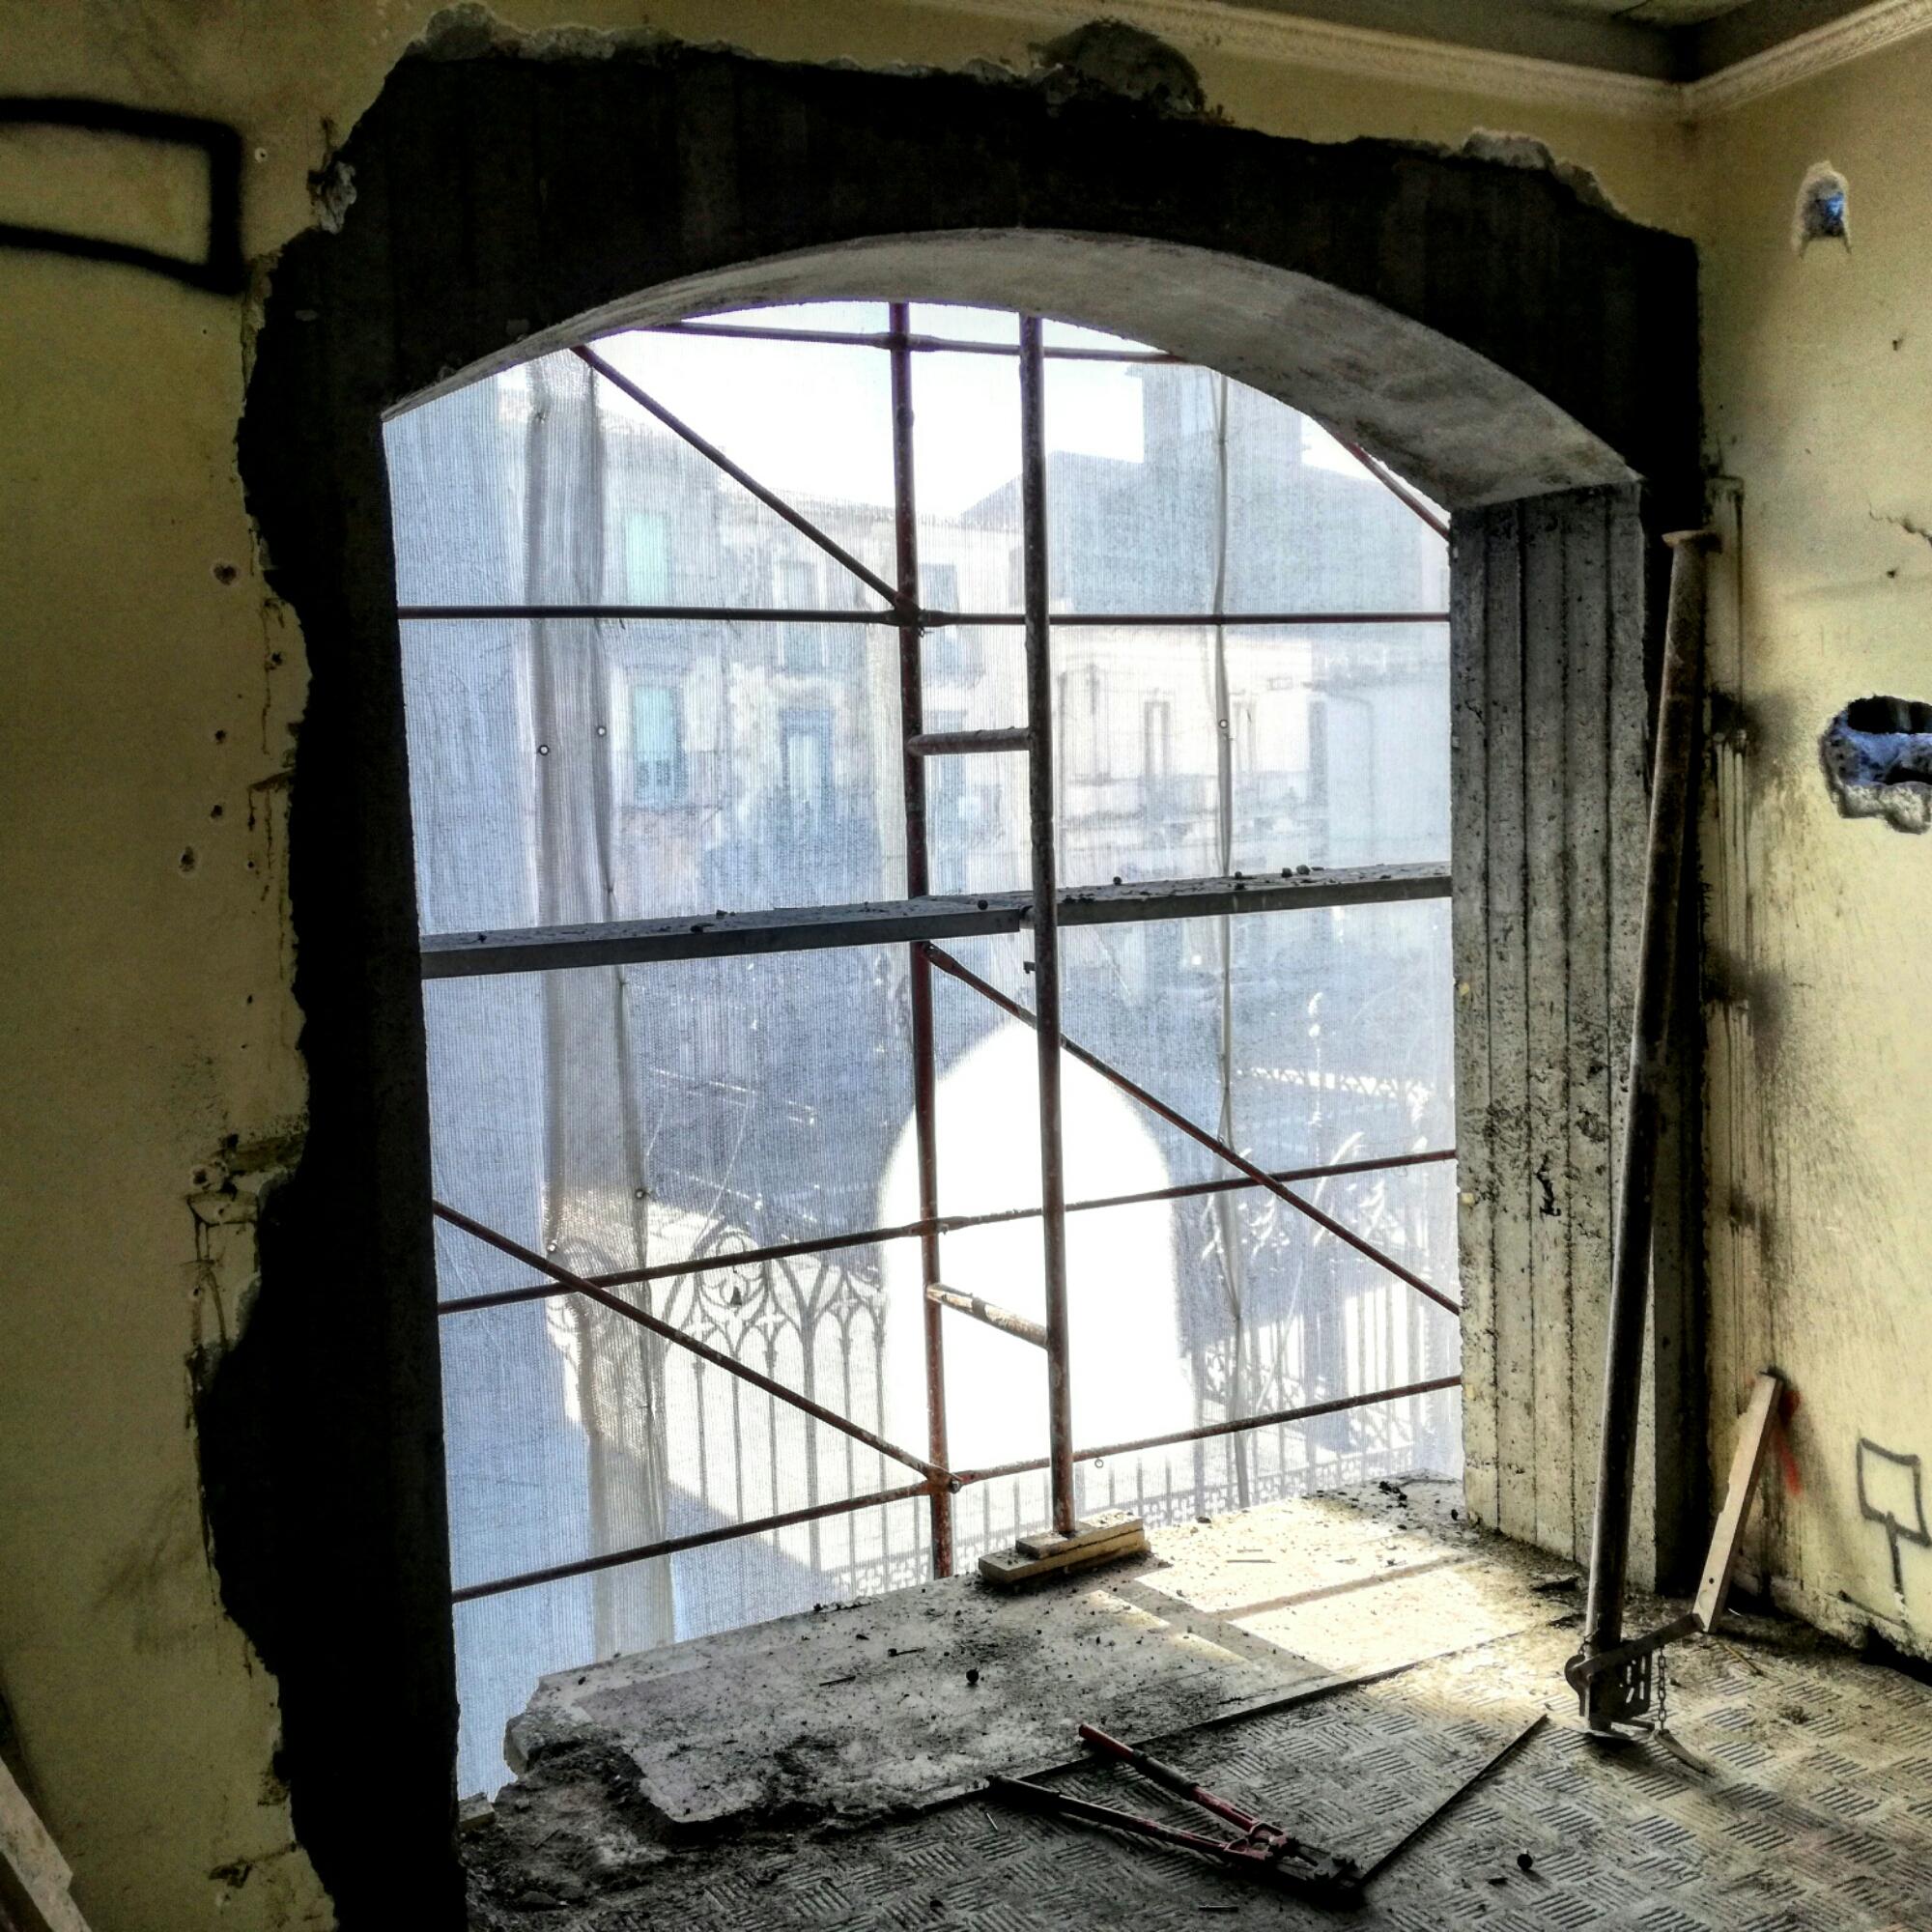 Cerchiatura porta ristrutturazione edilizia restauro - Architetto porta ...